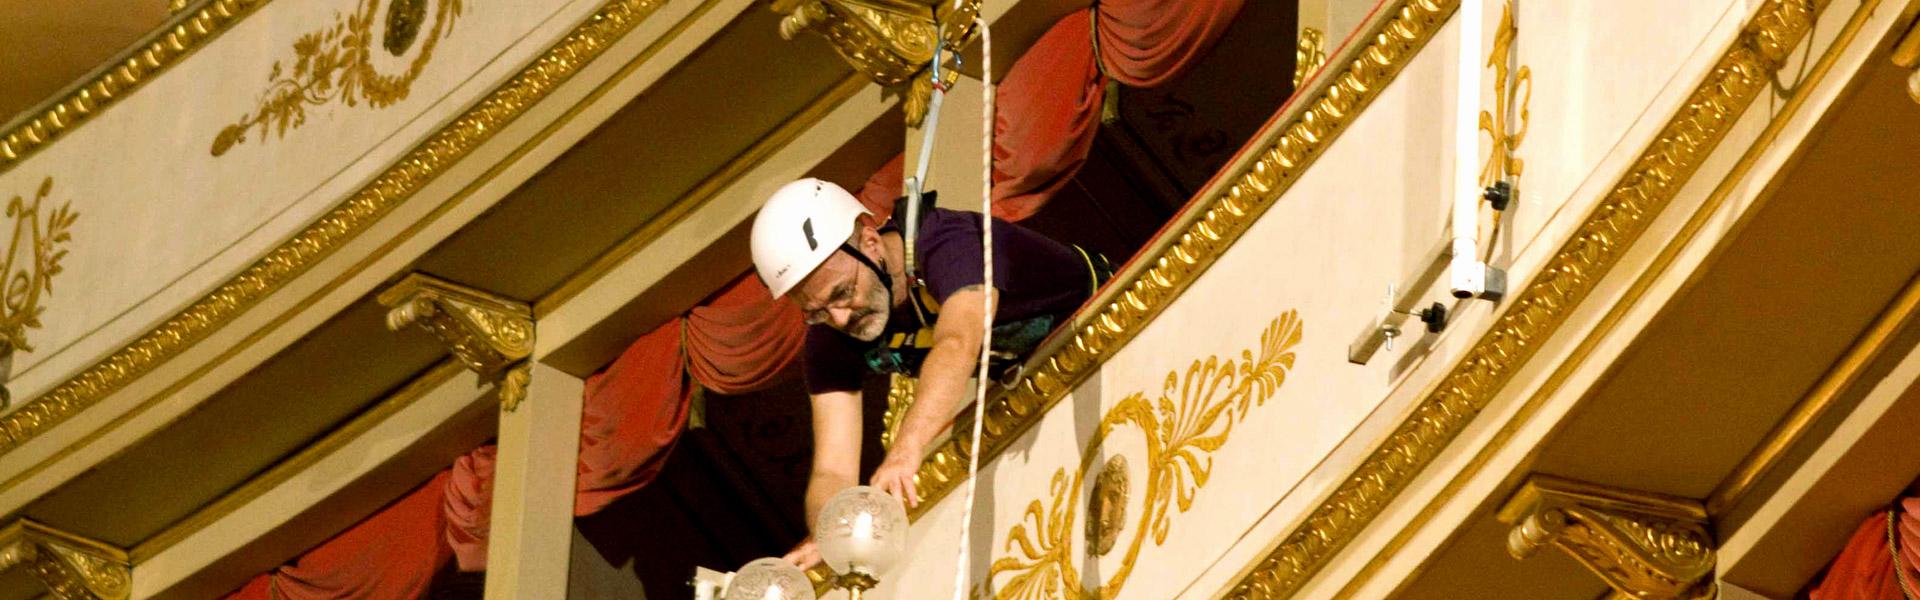 Un operatore addetto ai lavori in quota in un teatro